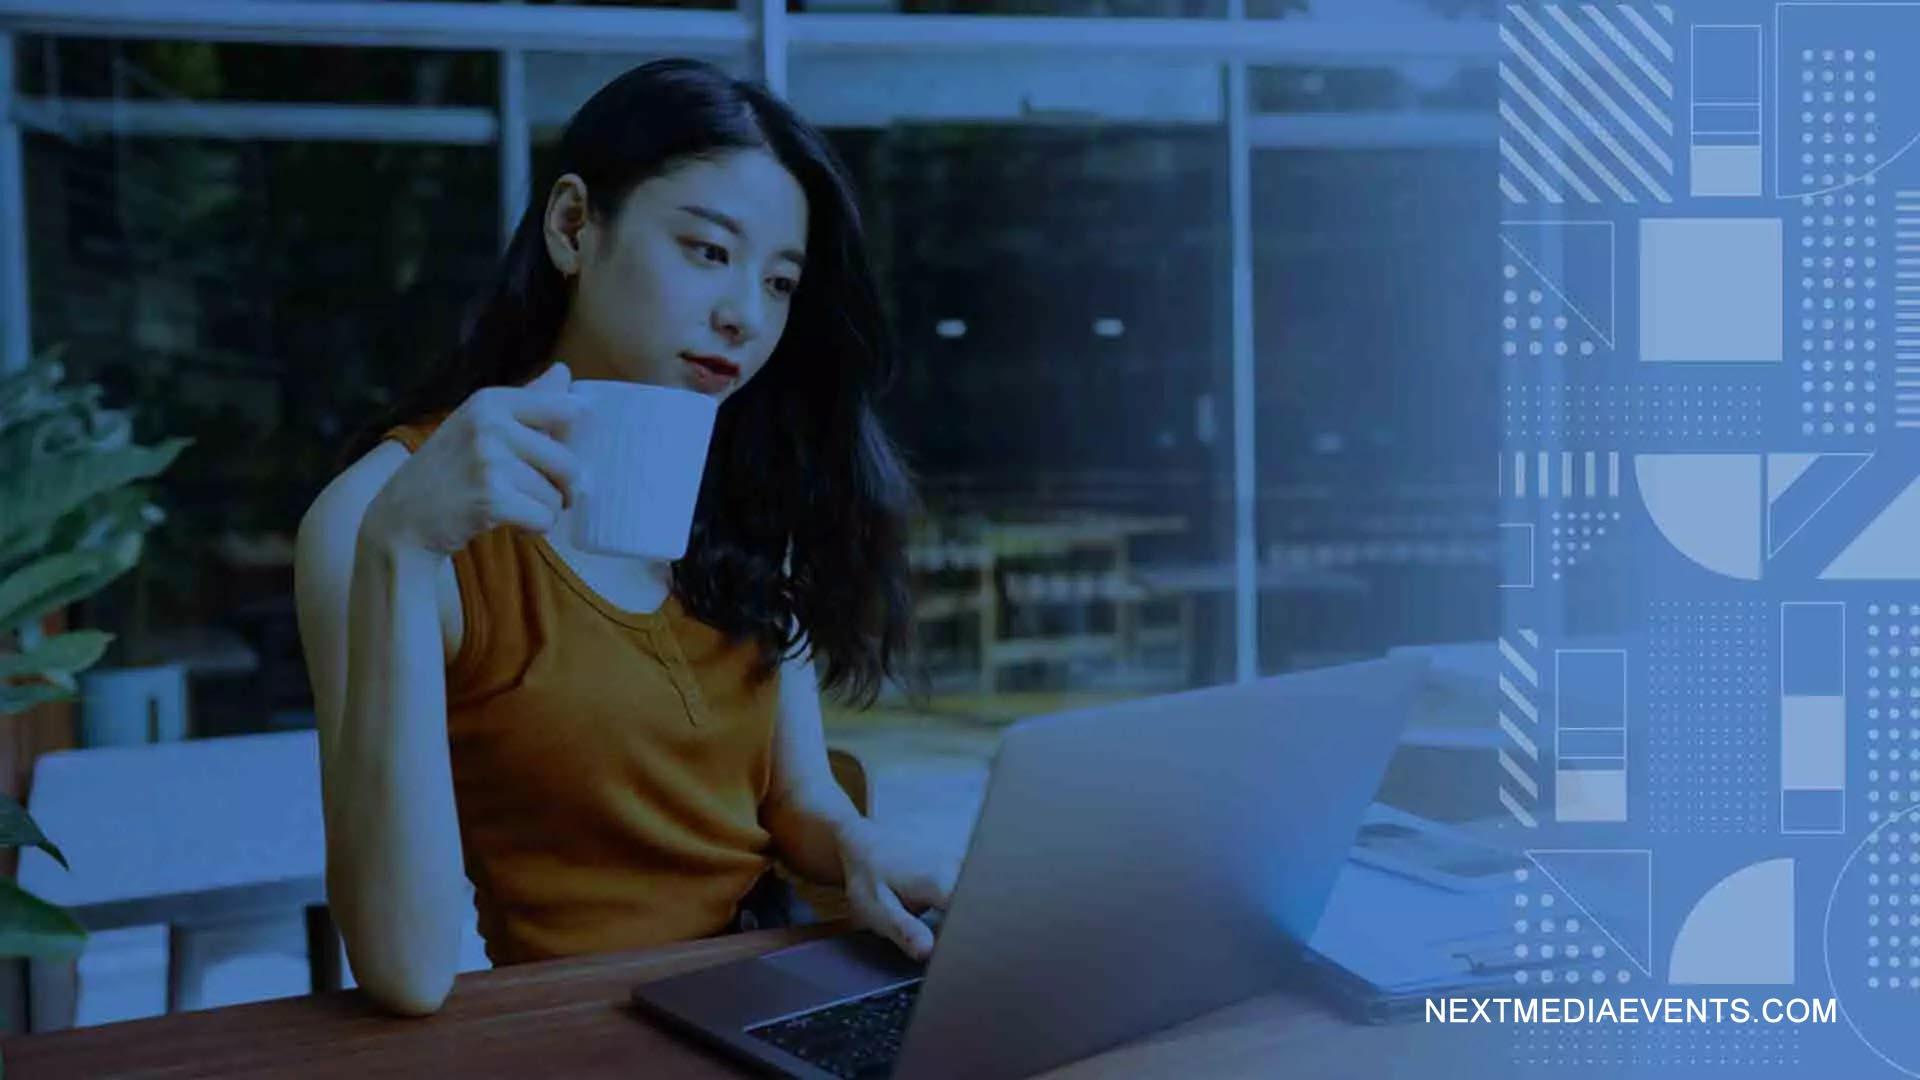 Berhasil di Tahun 2021 dengan Bisnis Digital Toko Online Sendiri